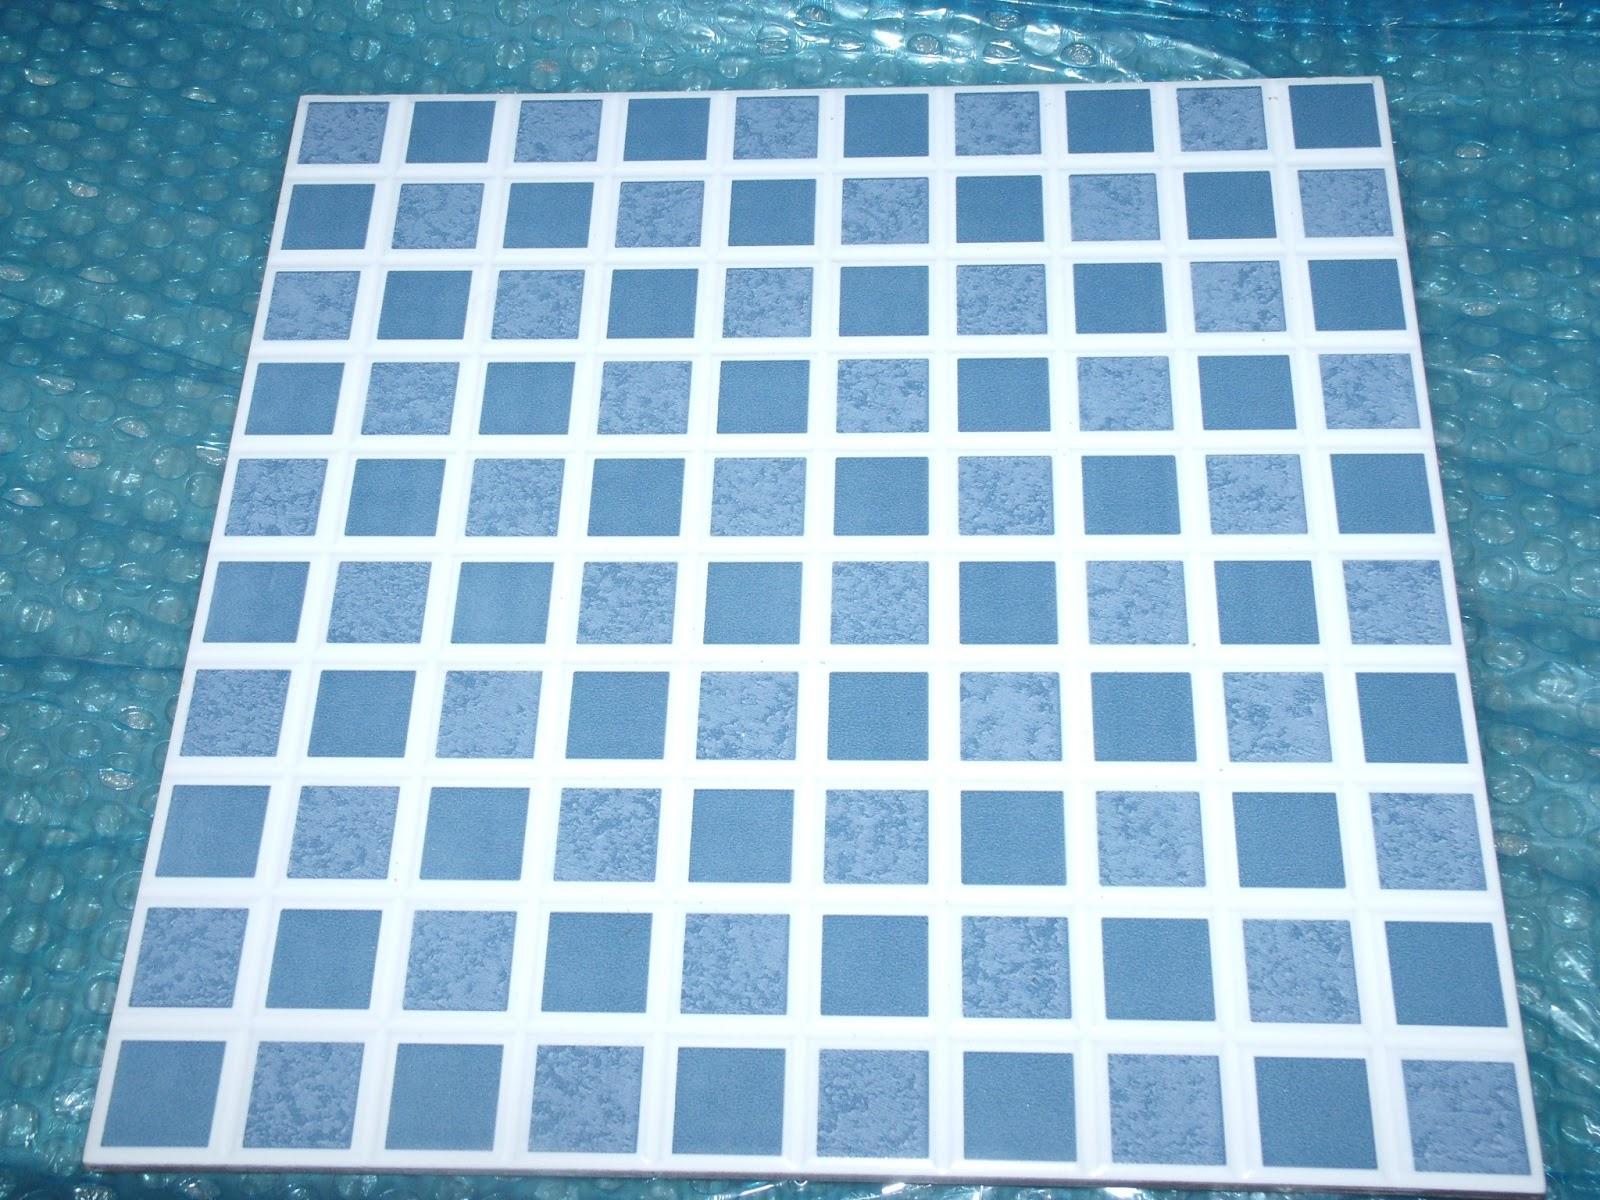 Nas parede laterais do banheiro este branco. #2683A5 1600x1200 Banheiro Azul Com Branco